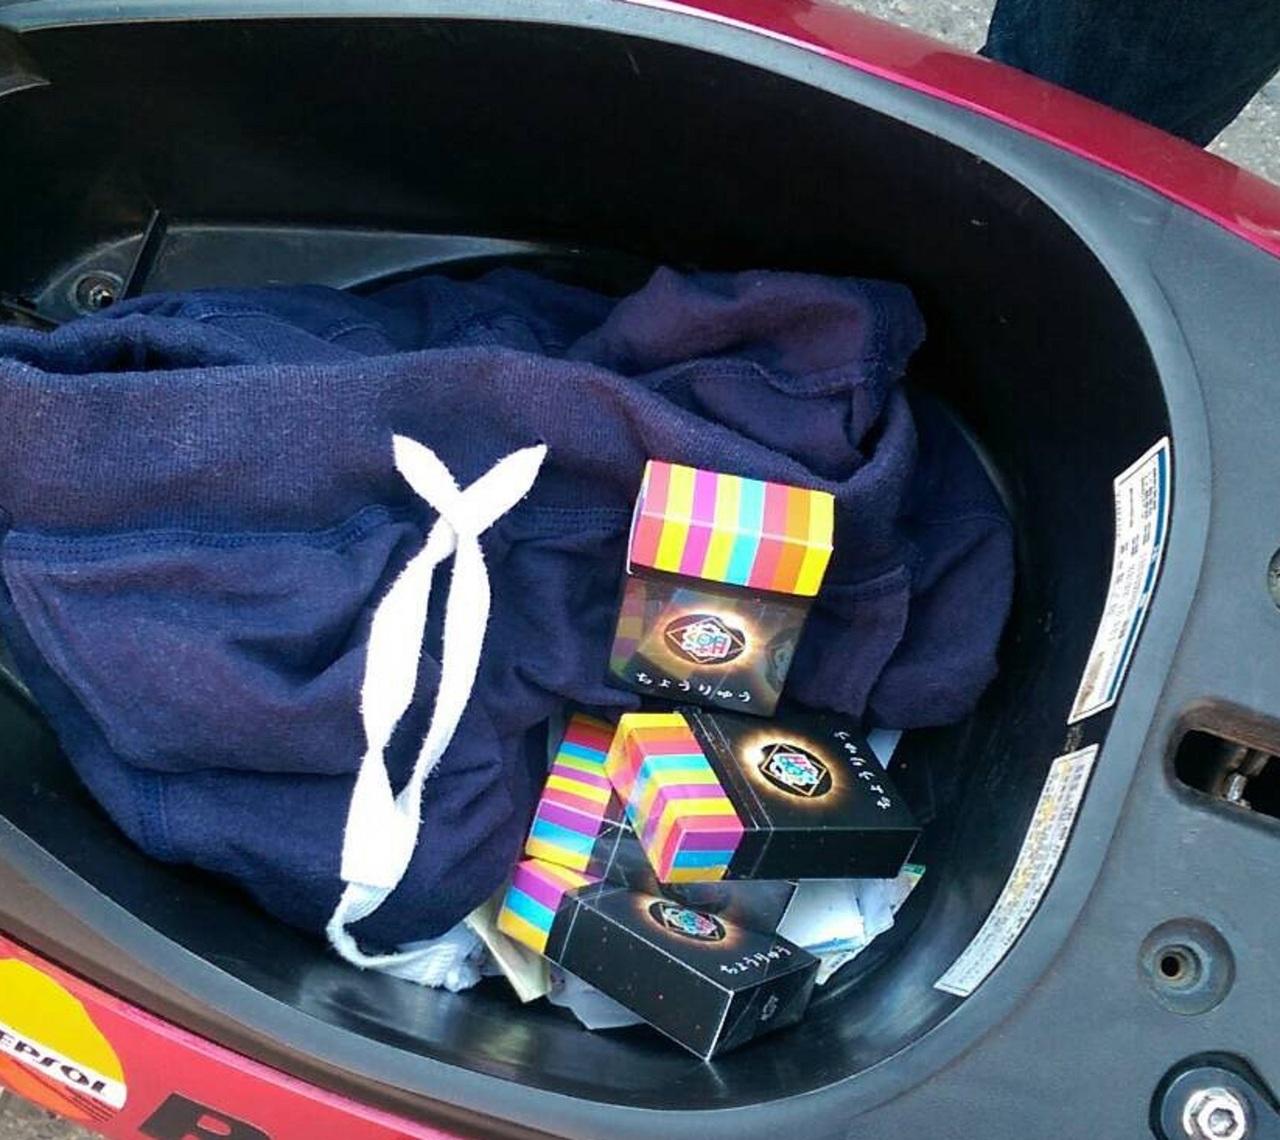 少年購新貨彩虹菸盒藏K他命香菸裝酷 超車被逮